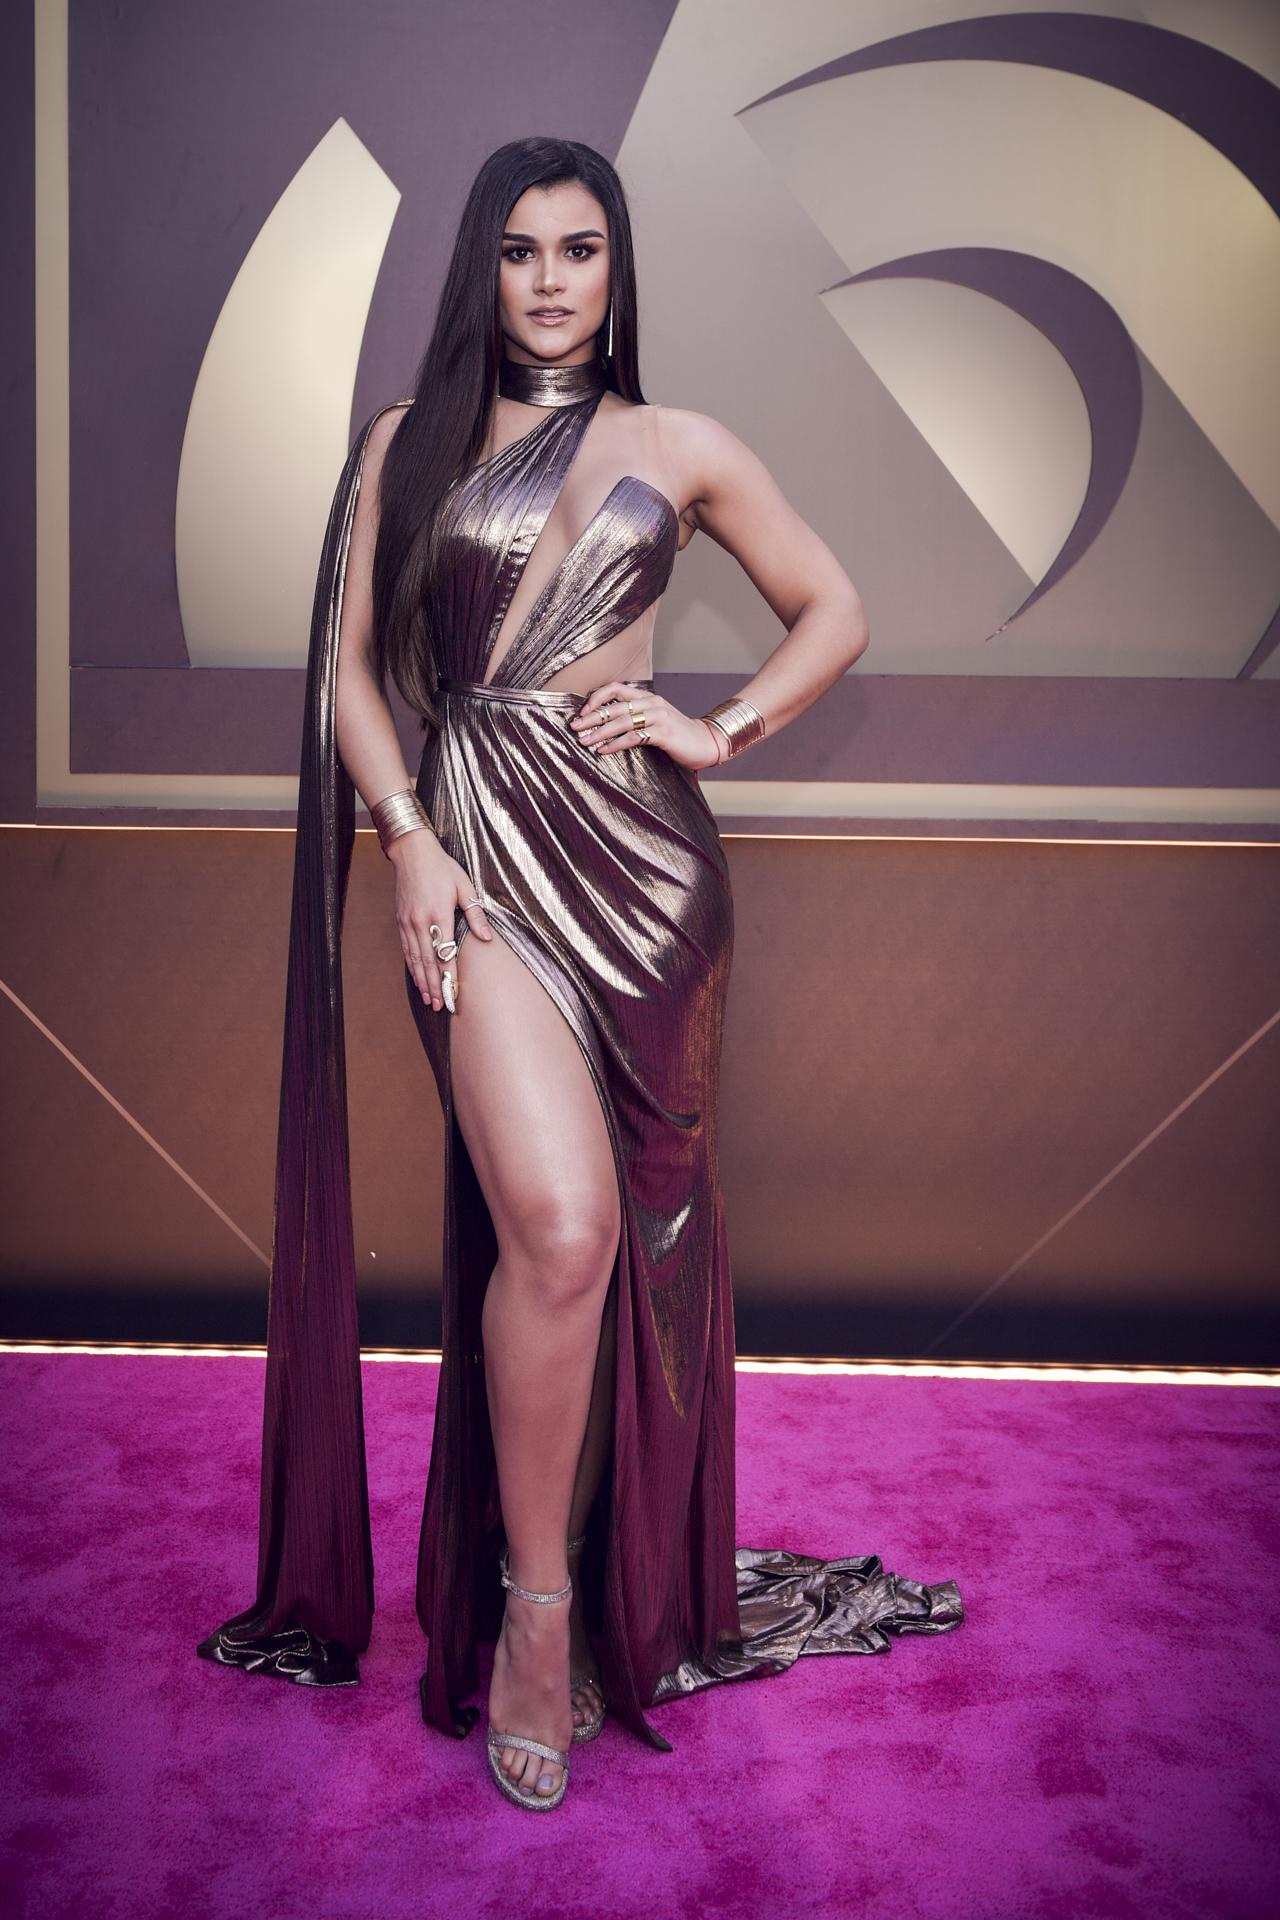 La modelo y presentadora Clarissa Molina en un vestido metálico. (Suministrada/ Univision)